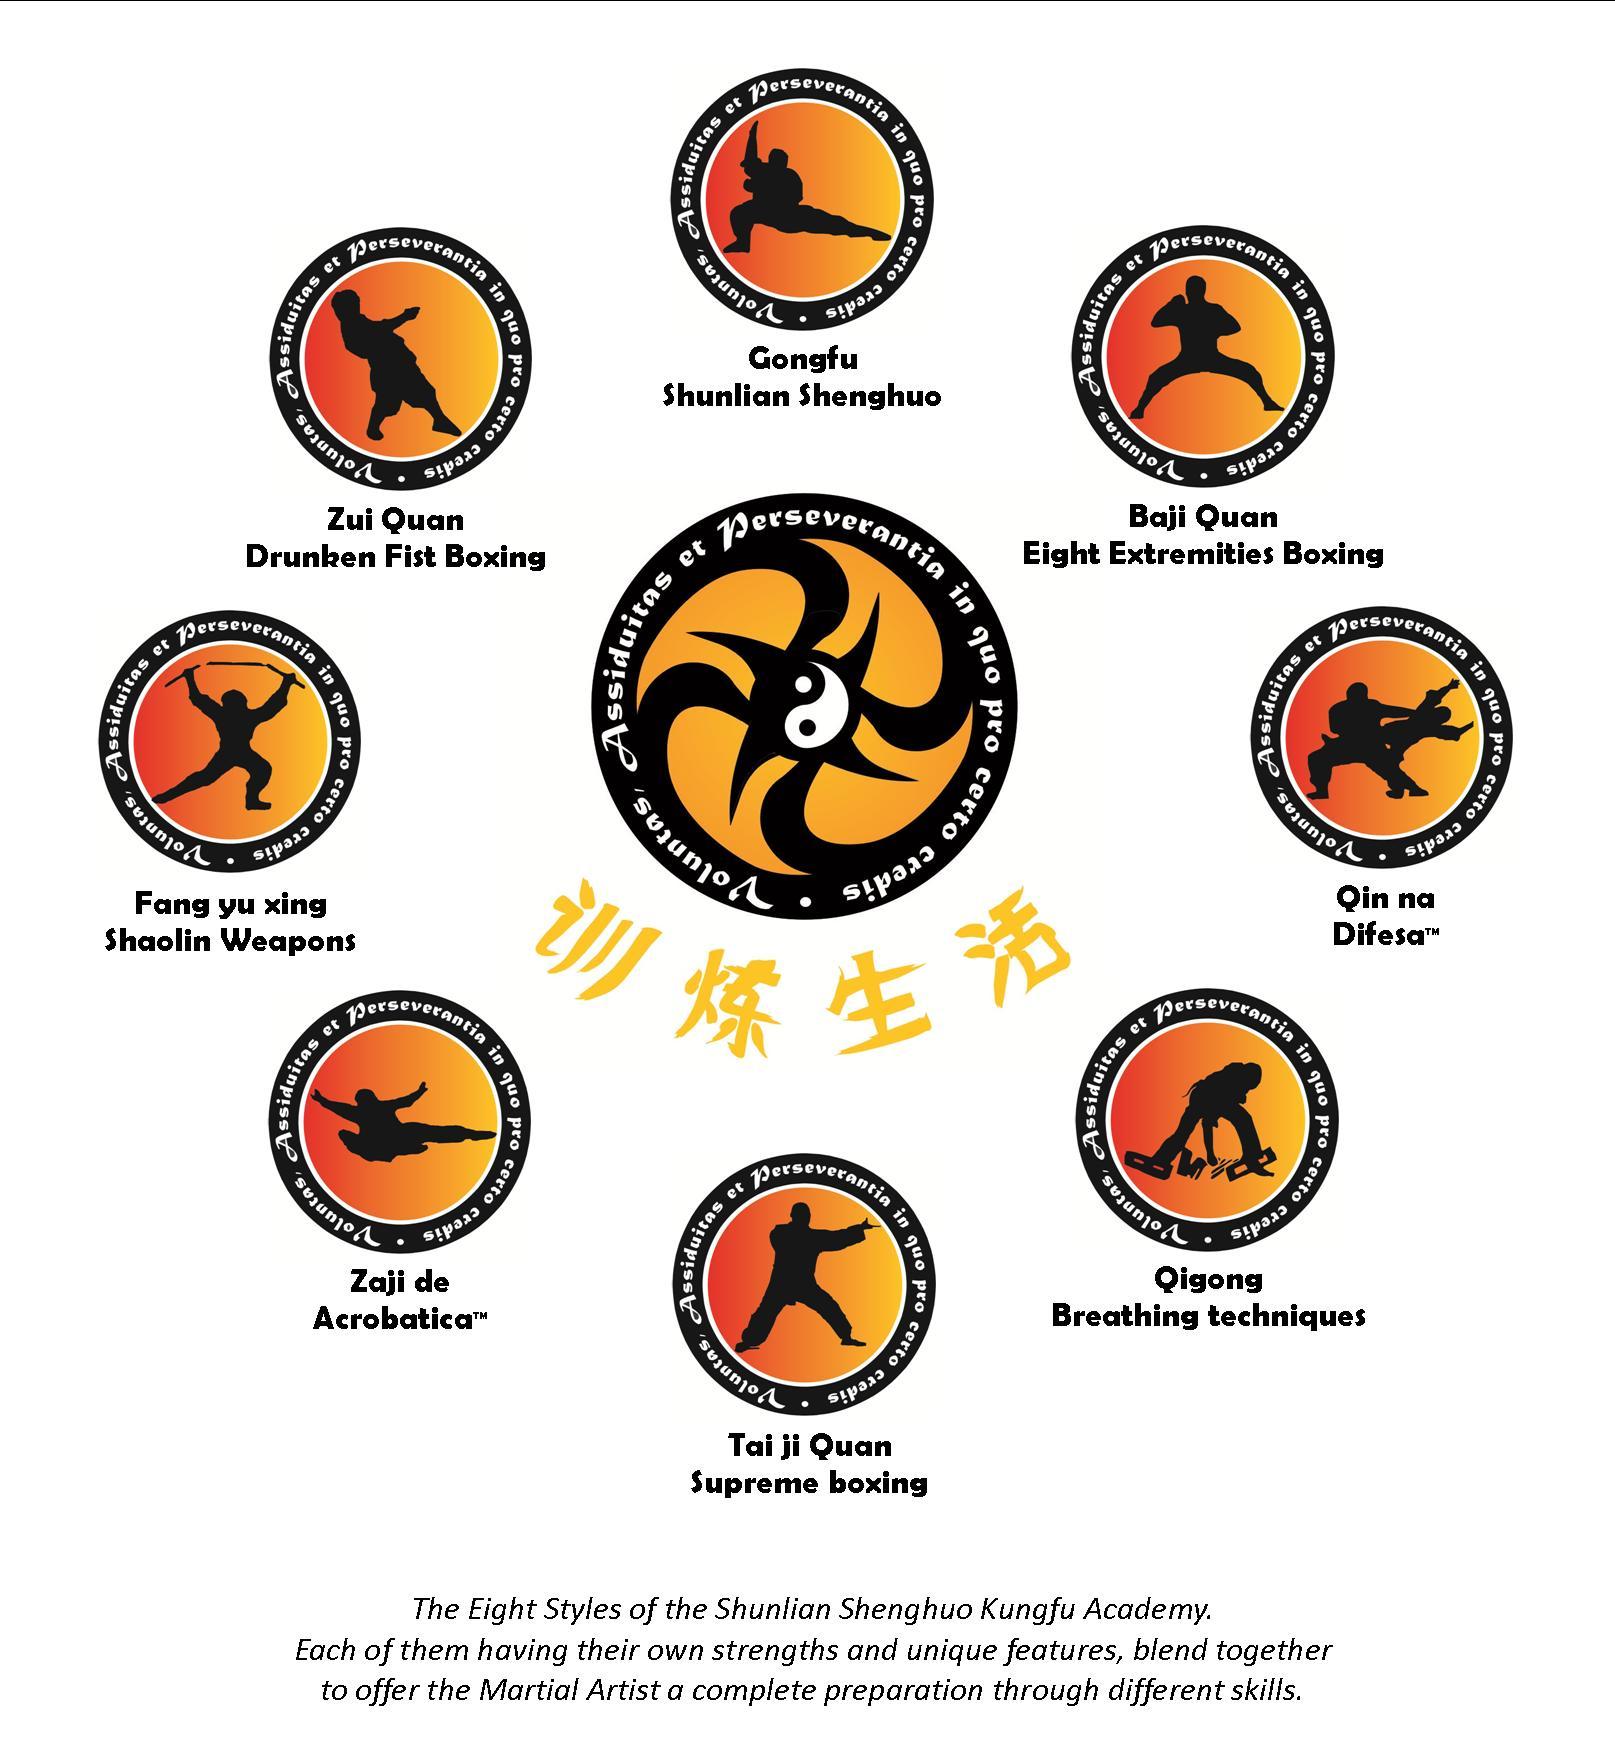 Shunlian Shenghuo Kungfu Academy grades